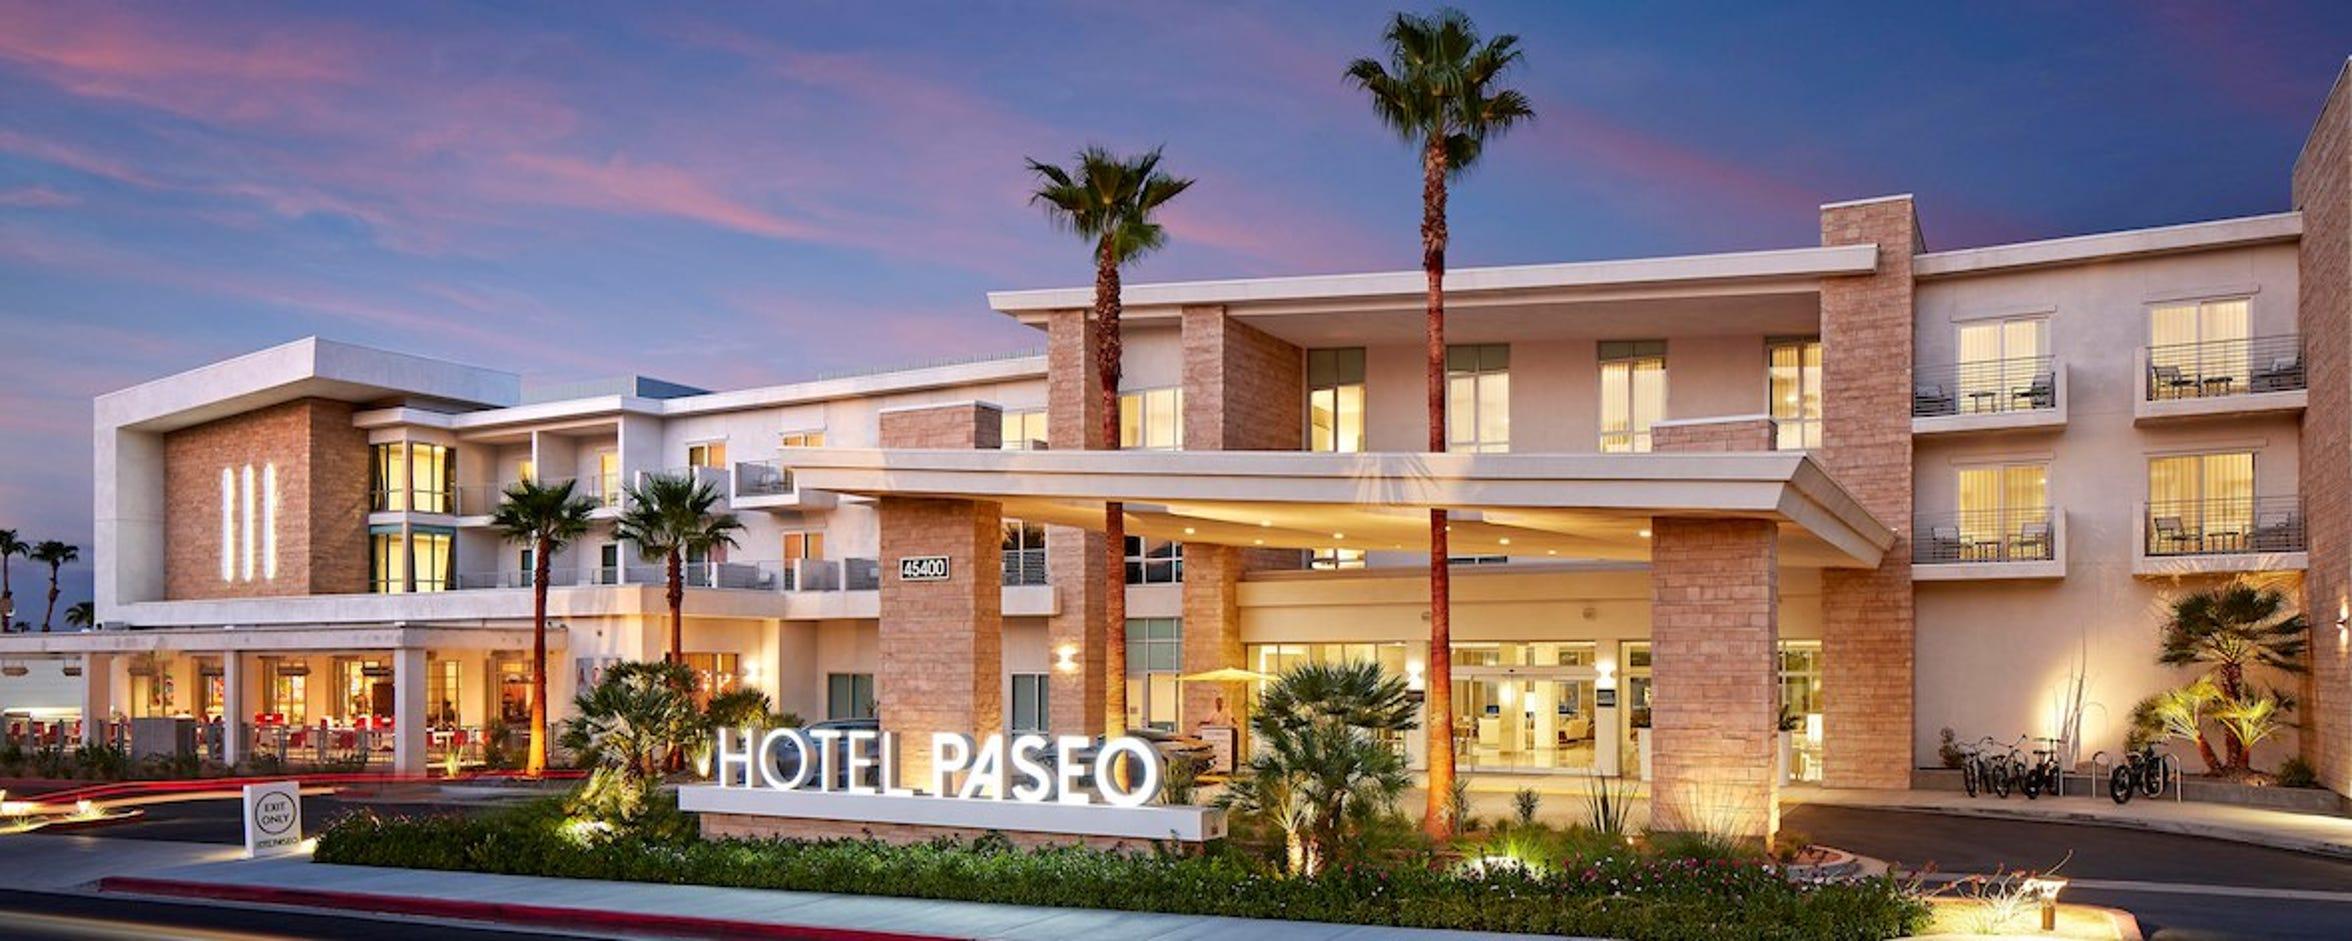 Hotel Paseo.